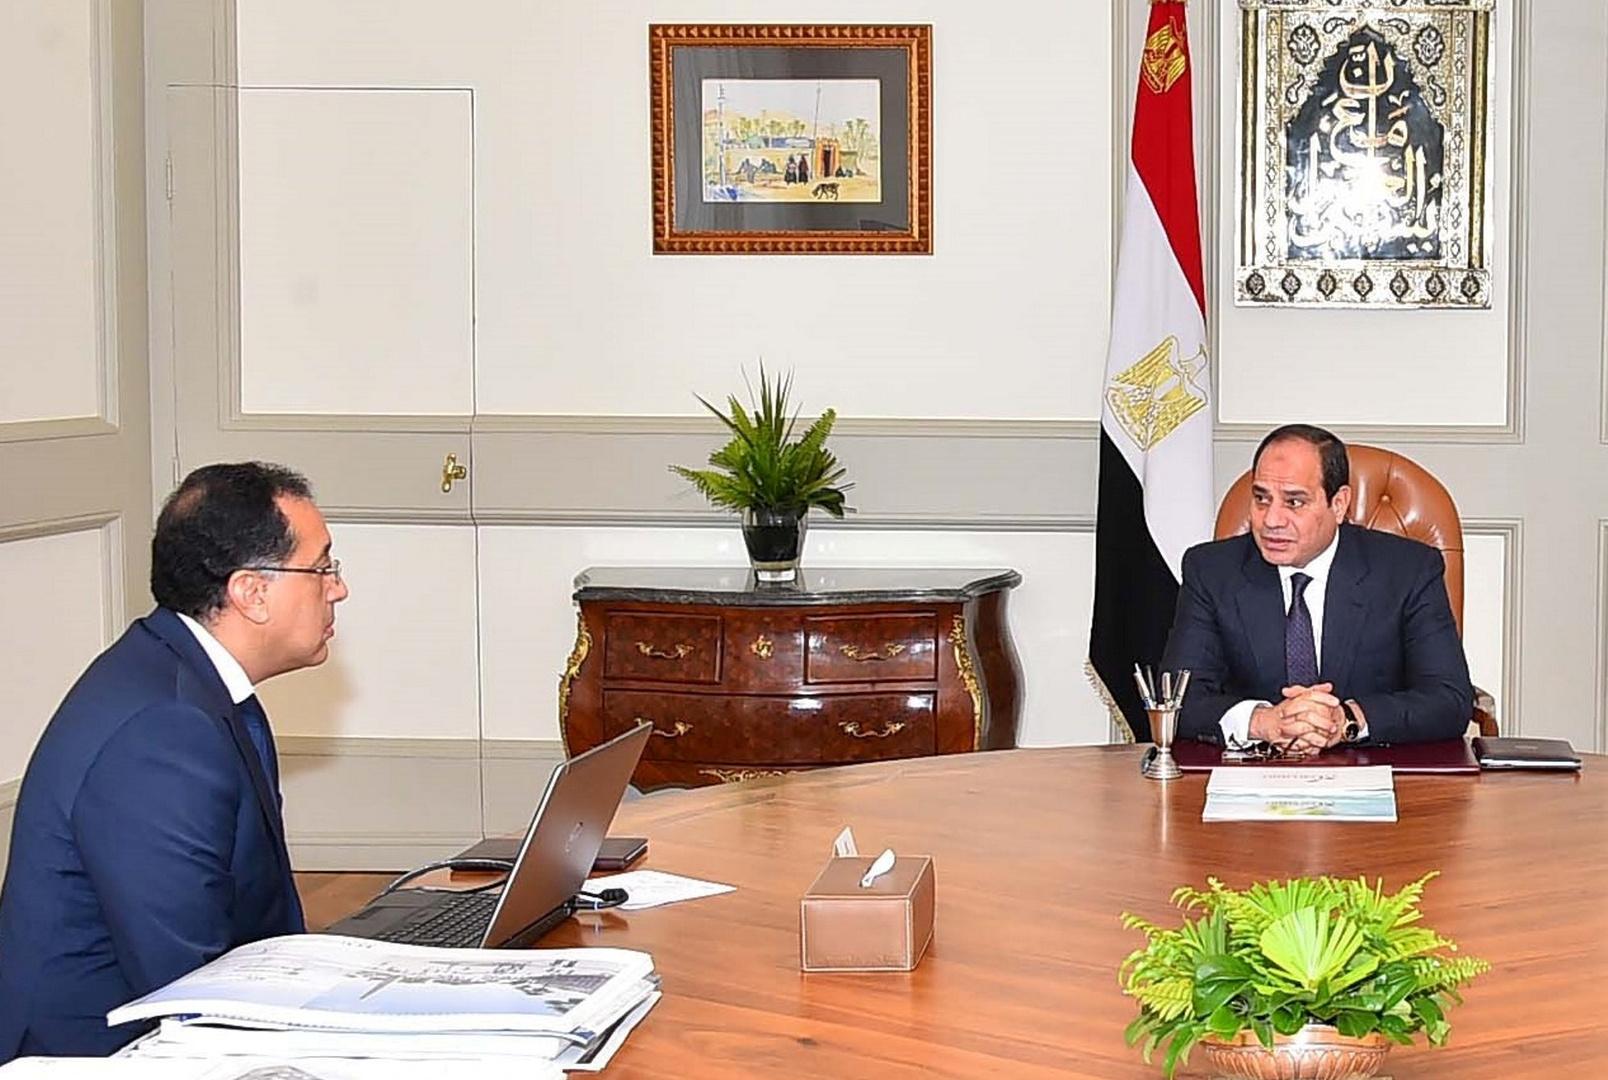 مصر.. السيسي يوجه الحكومة بتنفيذ المشروع القومي لتصنيع البلازما على أعلى مستوى